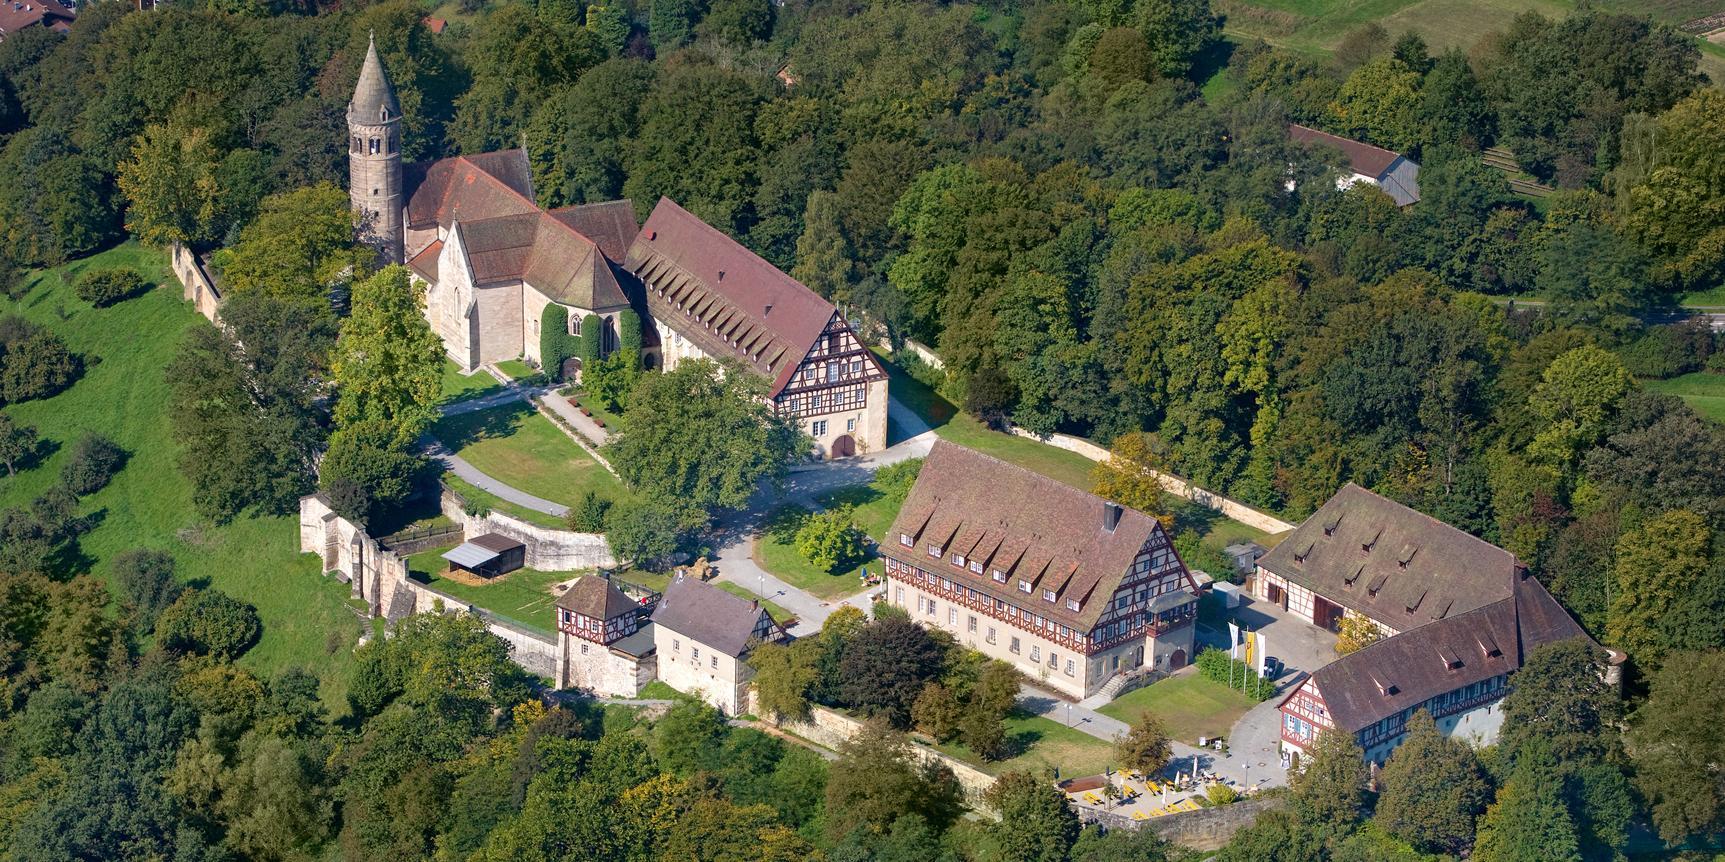 Luftaufnahme von Kloster Lorch; Foto: Staatliche Schlösser und Gärten Baden-Württemberg, Achim Mende